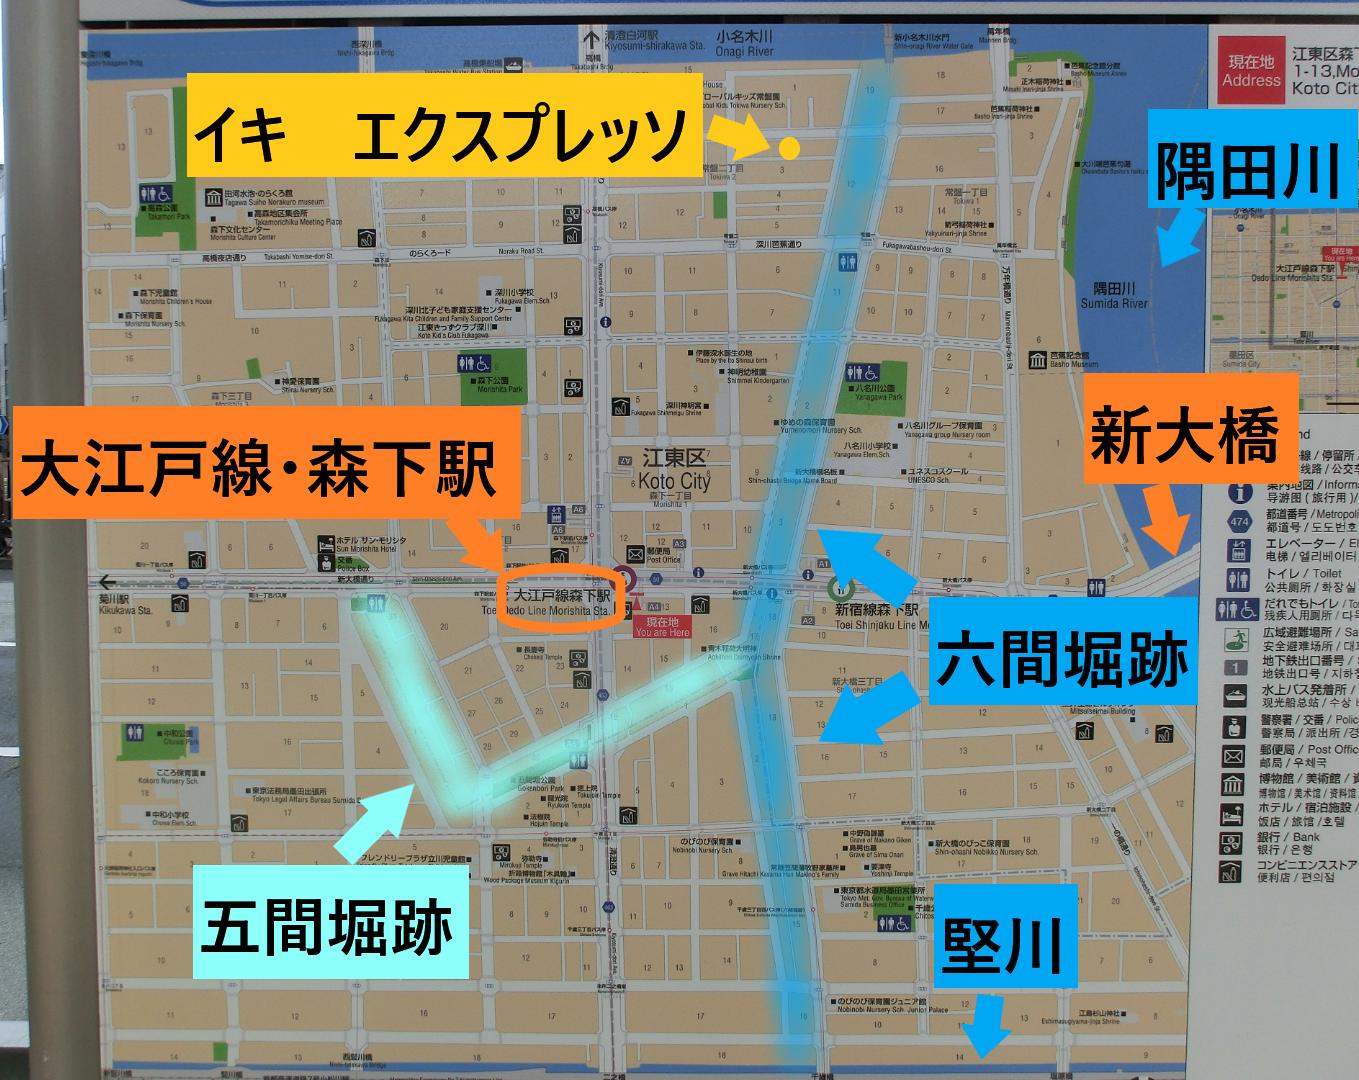 森下駅前の地図 六間堀・五間堀記事